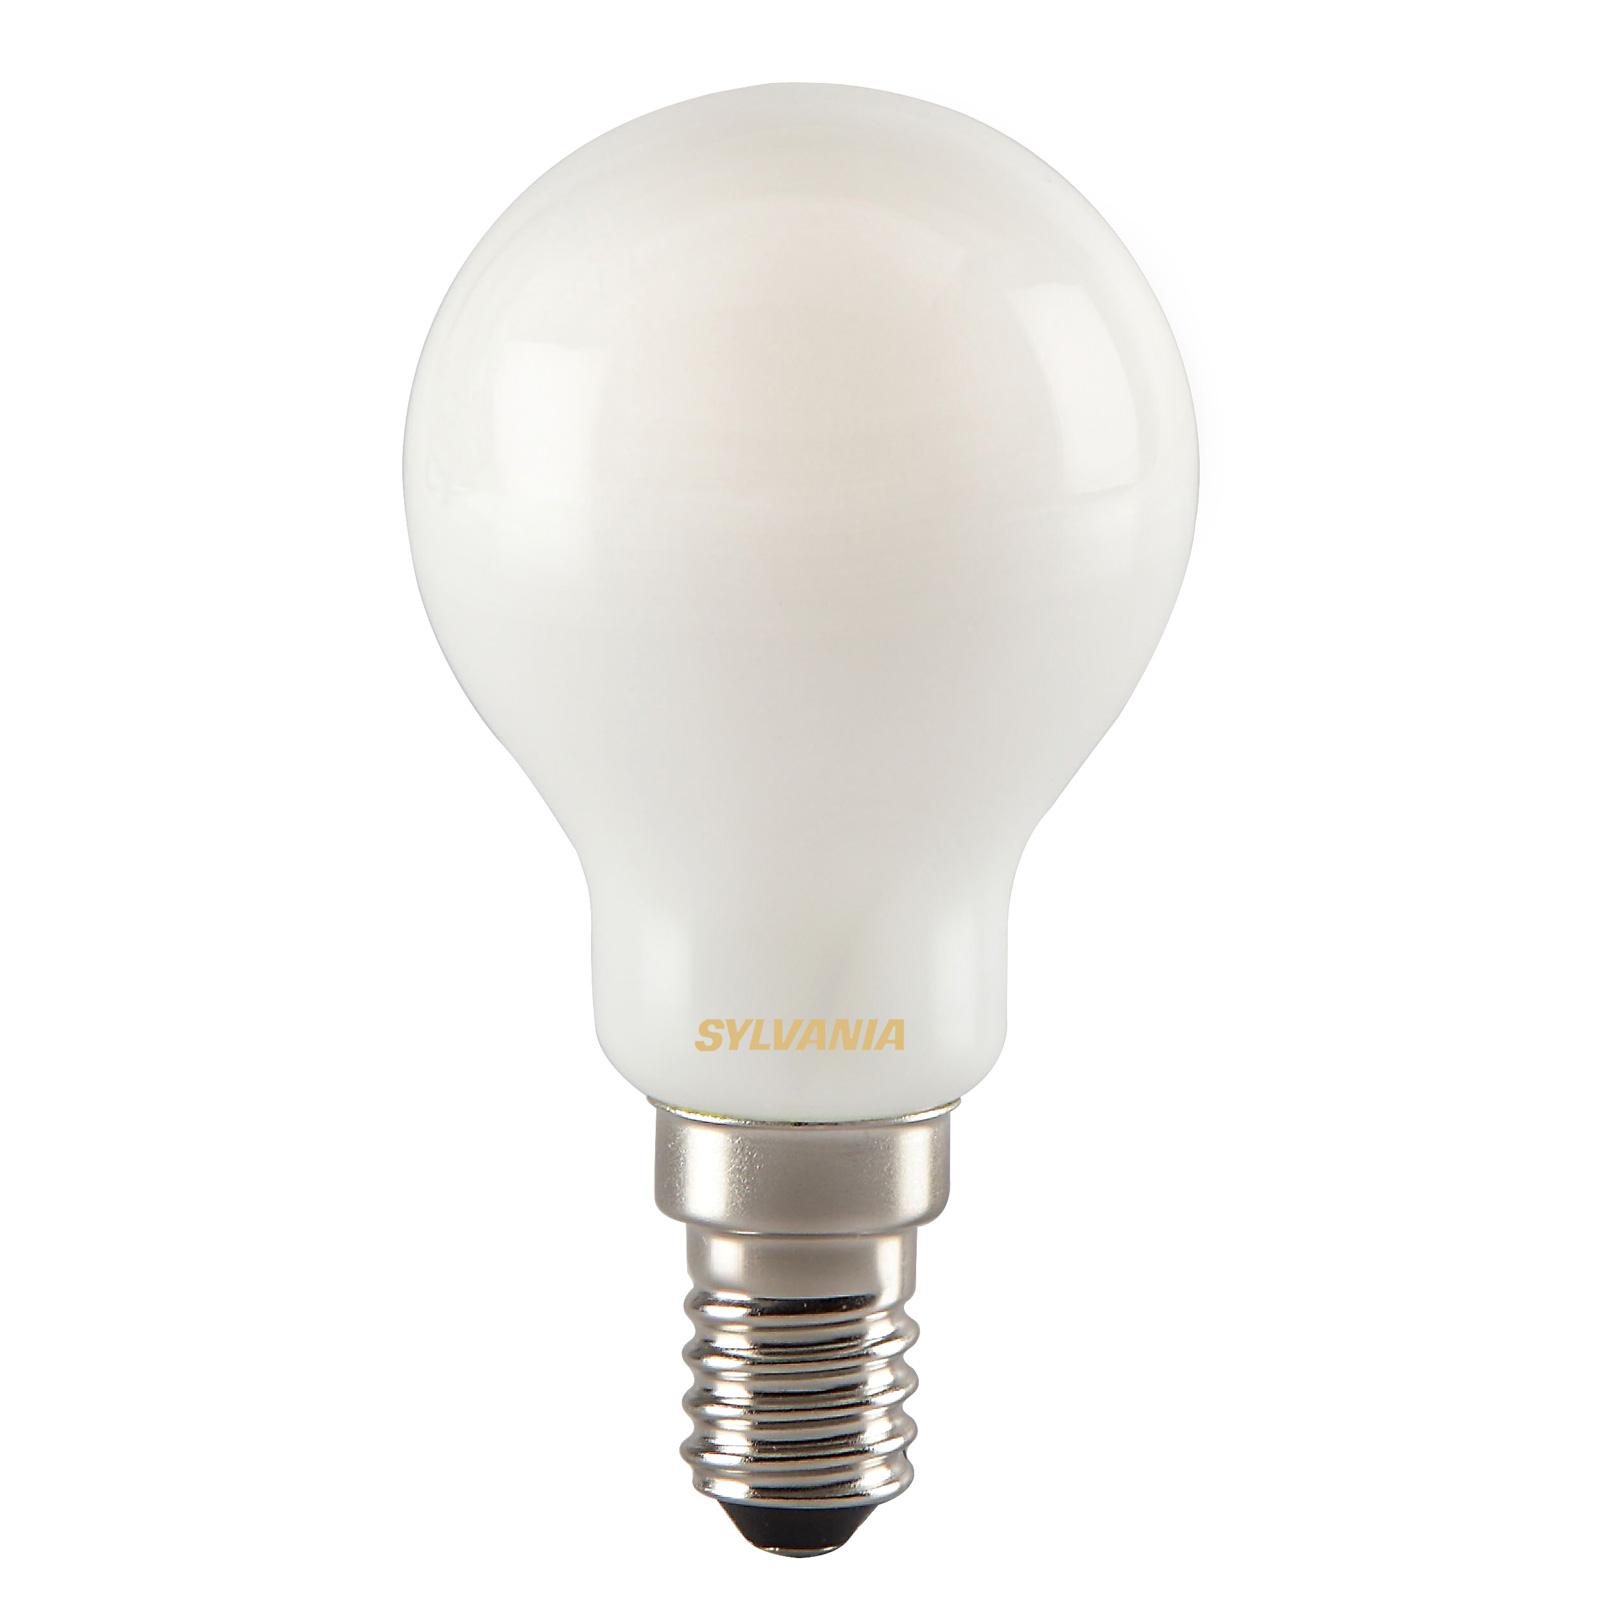 ToLEDo LED-dråbepære E14 RT Ball 4,5W 827, satin